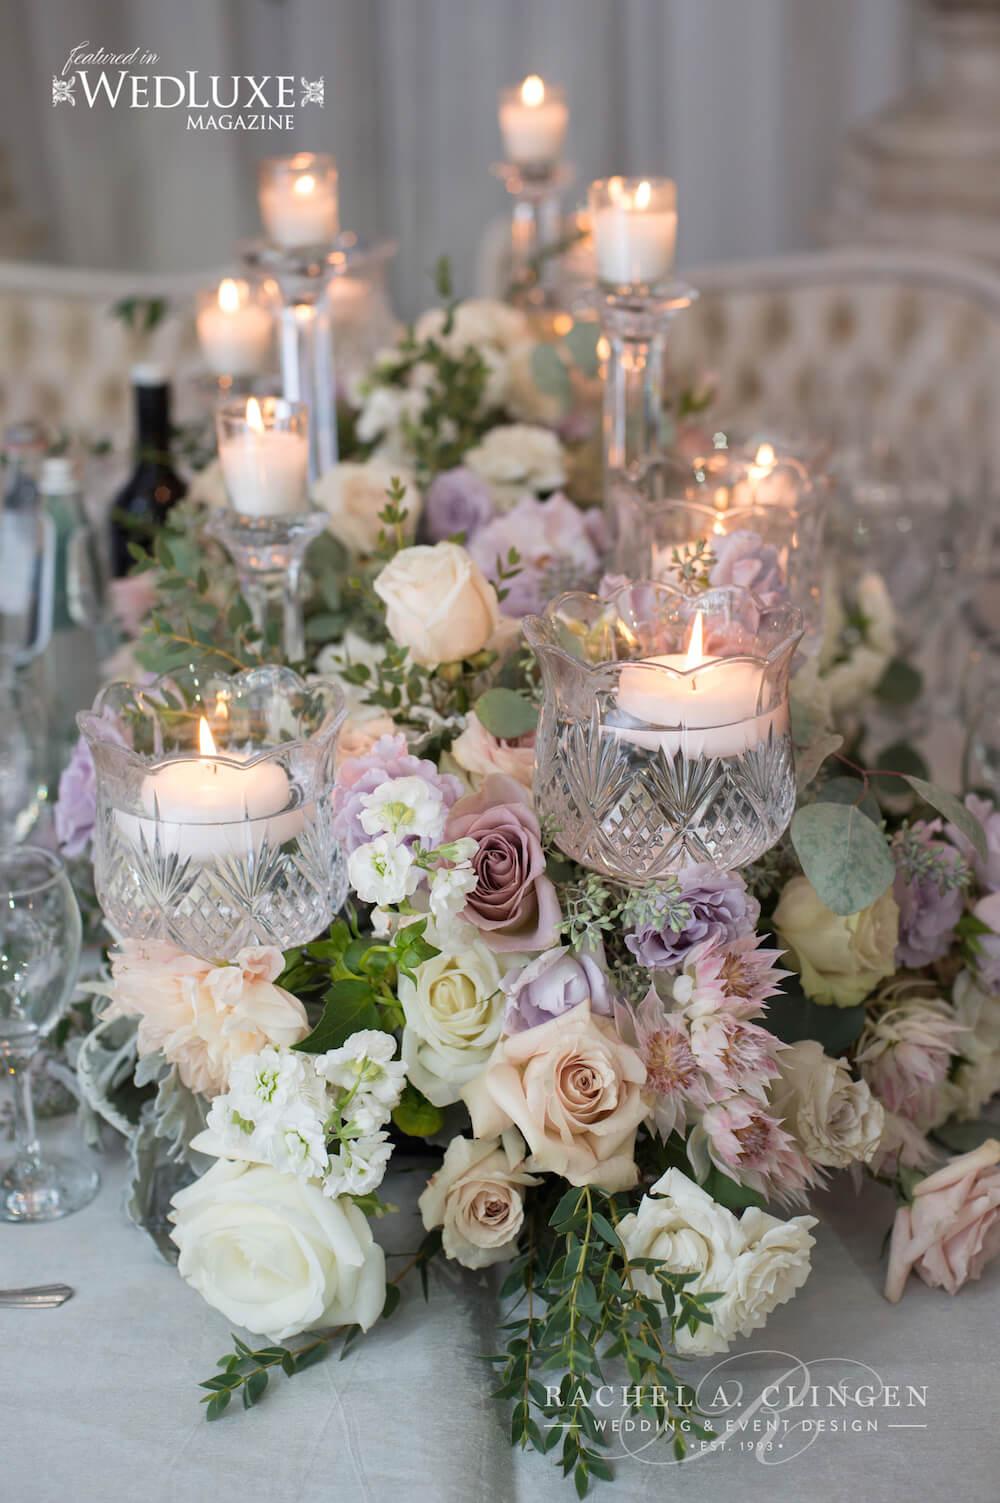 wedding-flowers-rachel-a-clingen-toronto